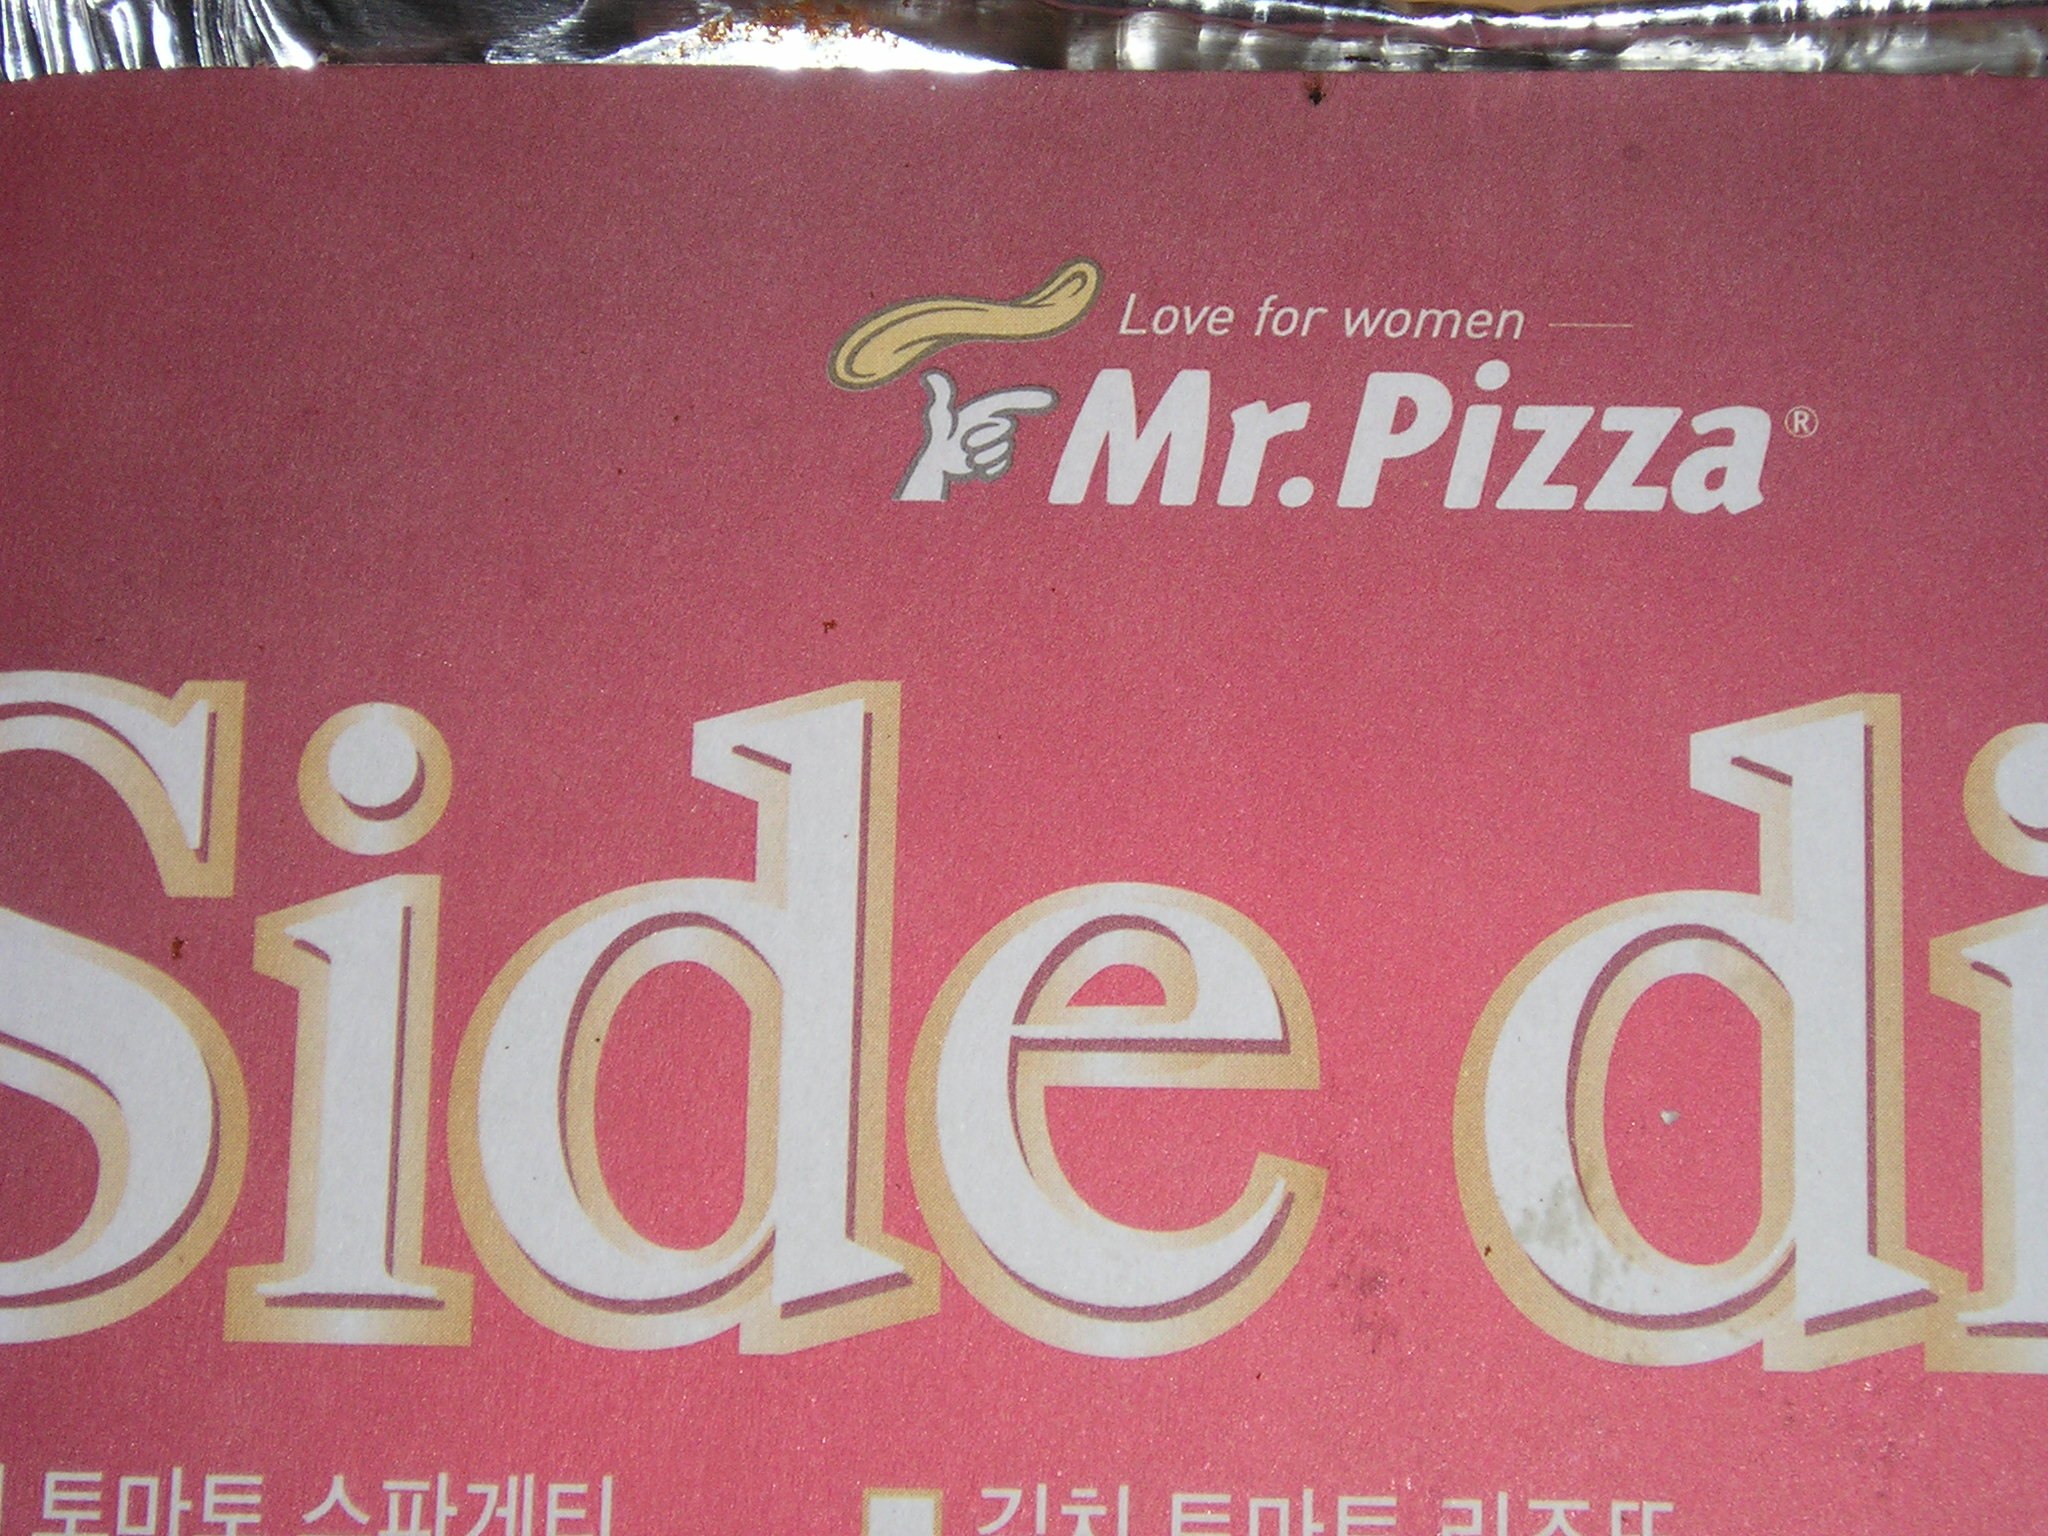 Love for Women Mr. Pizza